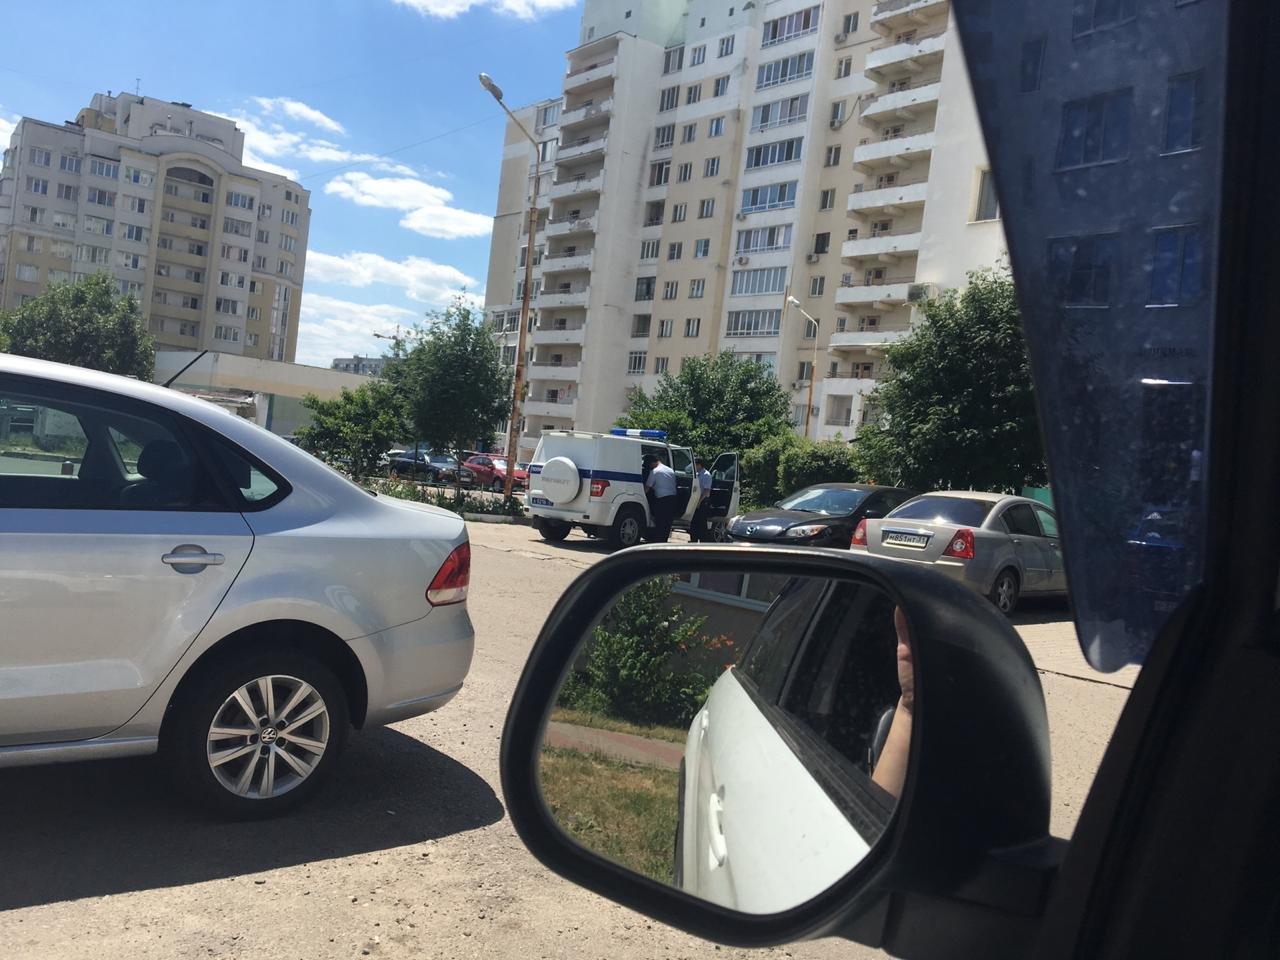 На чердаке многоэтажки в Белгороде нашли мужчину в полубессознательном состоянии. Полиция проводит проверку, фото-1